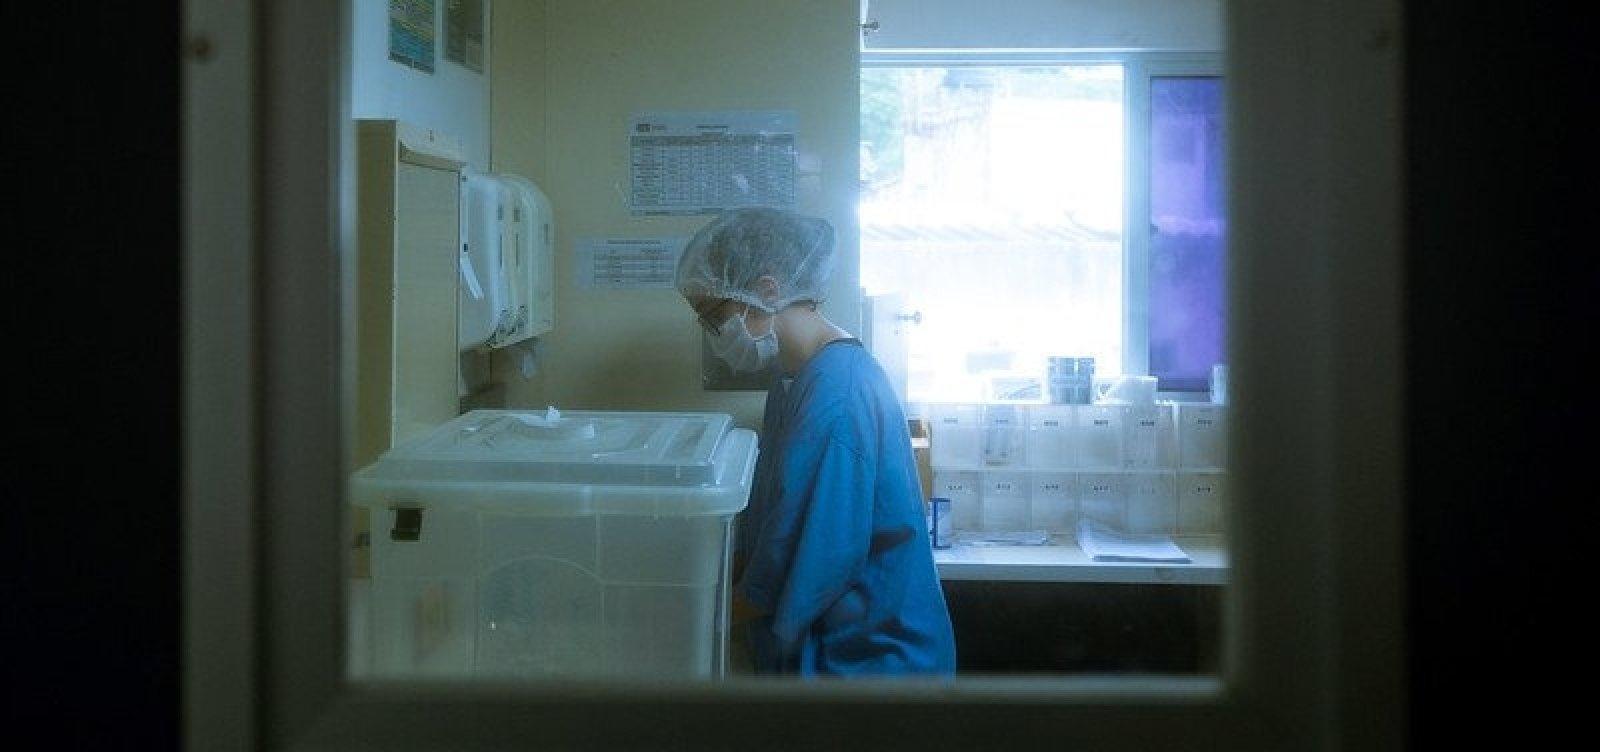 [Brasil registra 1.274 novas mortes pela Covid-19 nas últimas 24h, diz Ministério da Saúde]